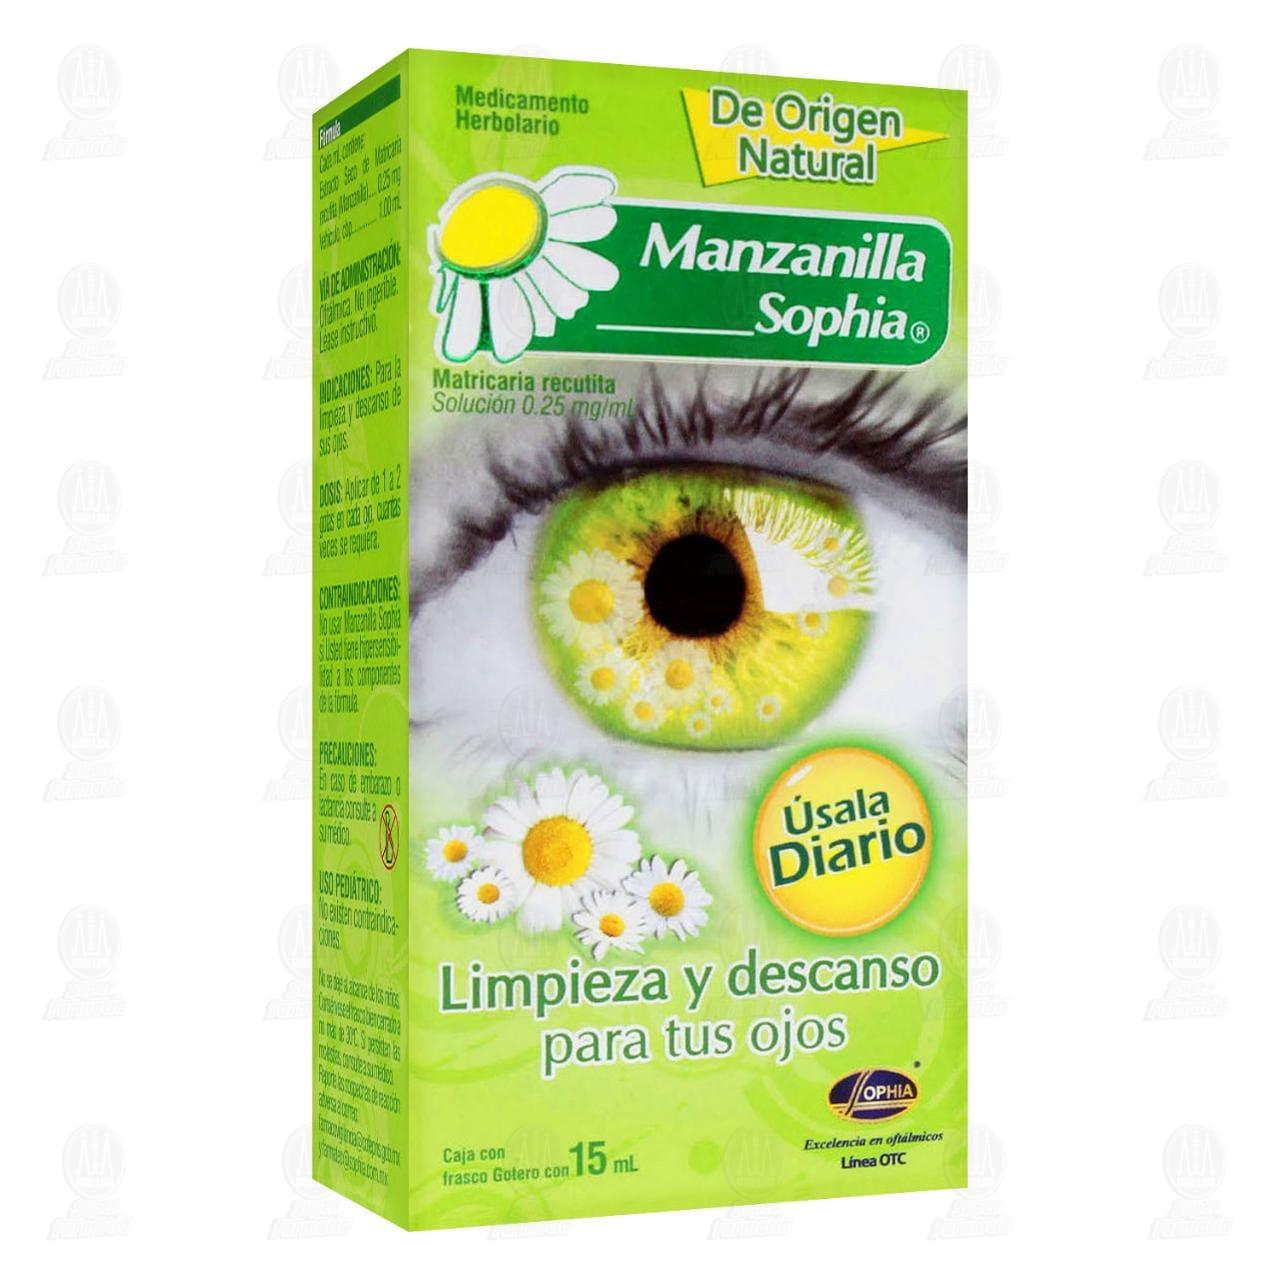 Comprar Manzanilla Sophia 0.25mg/ml 15ml Solución Gotas en Farmacias Guadalajara